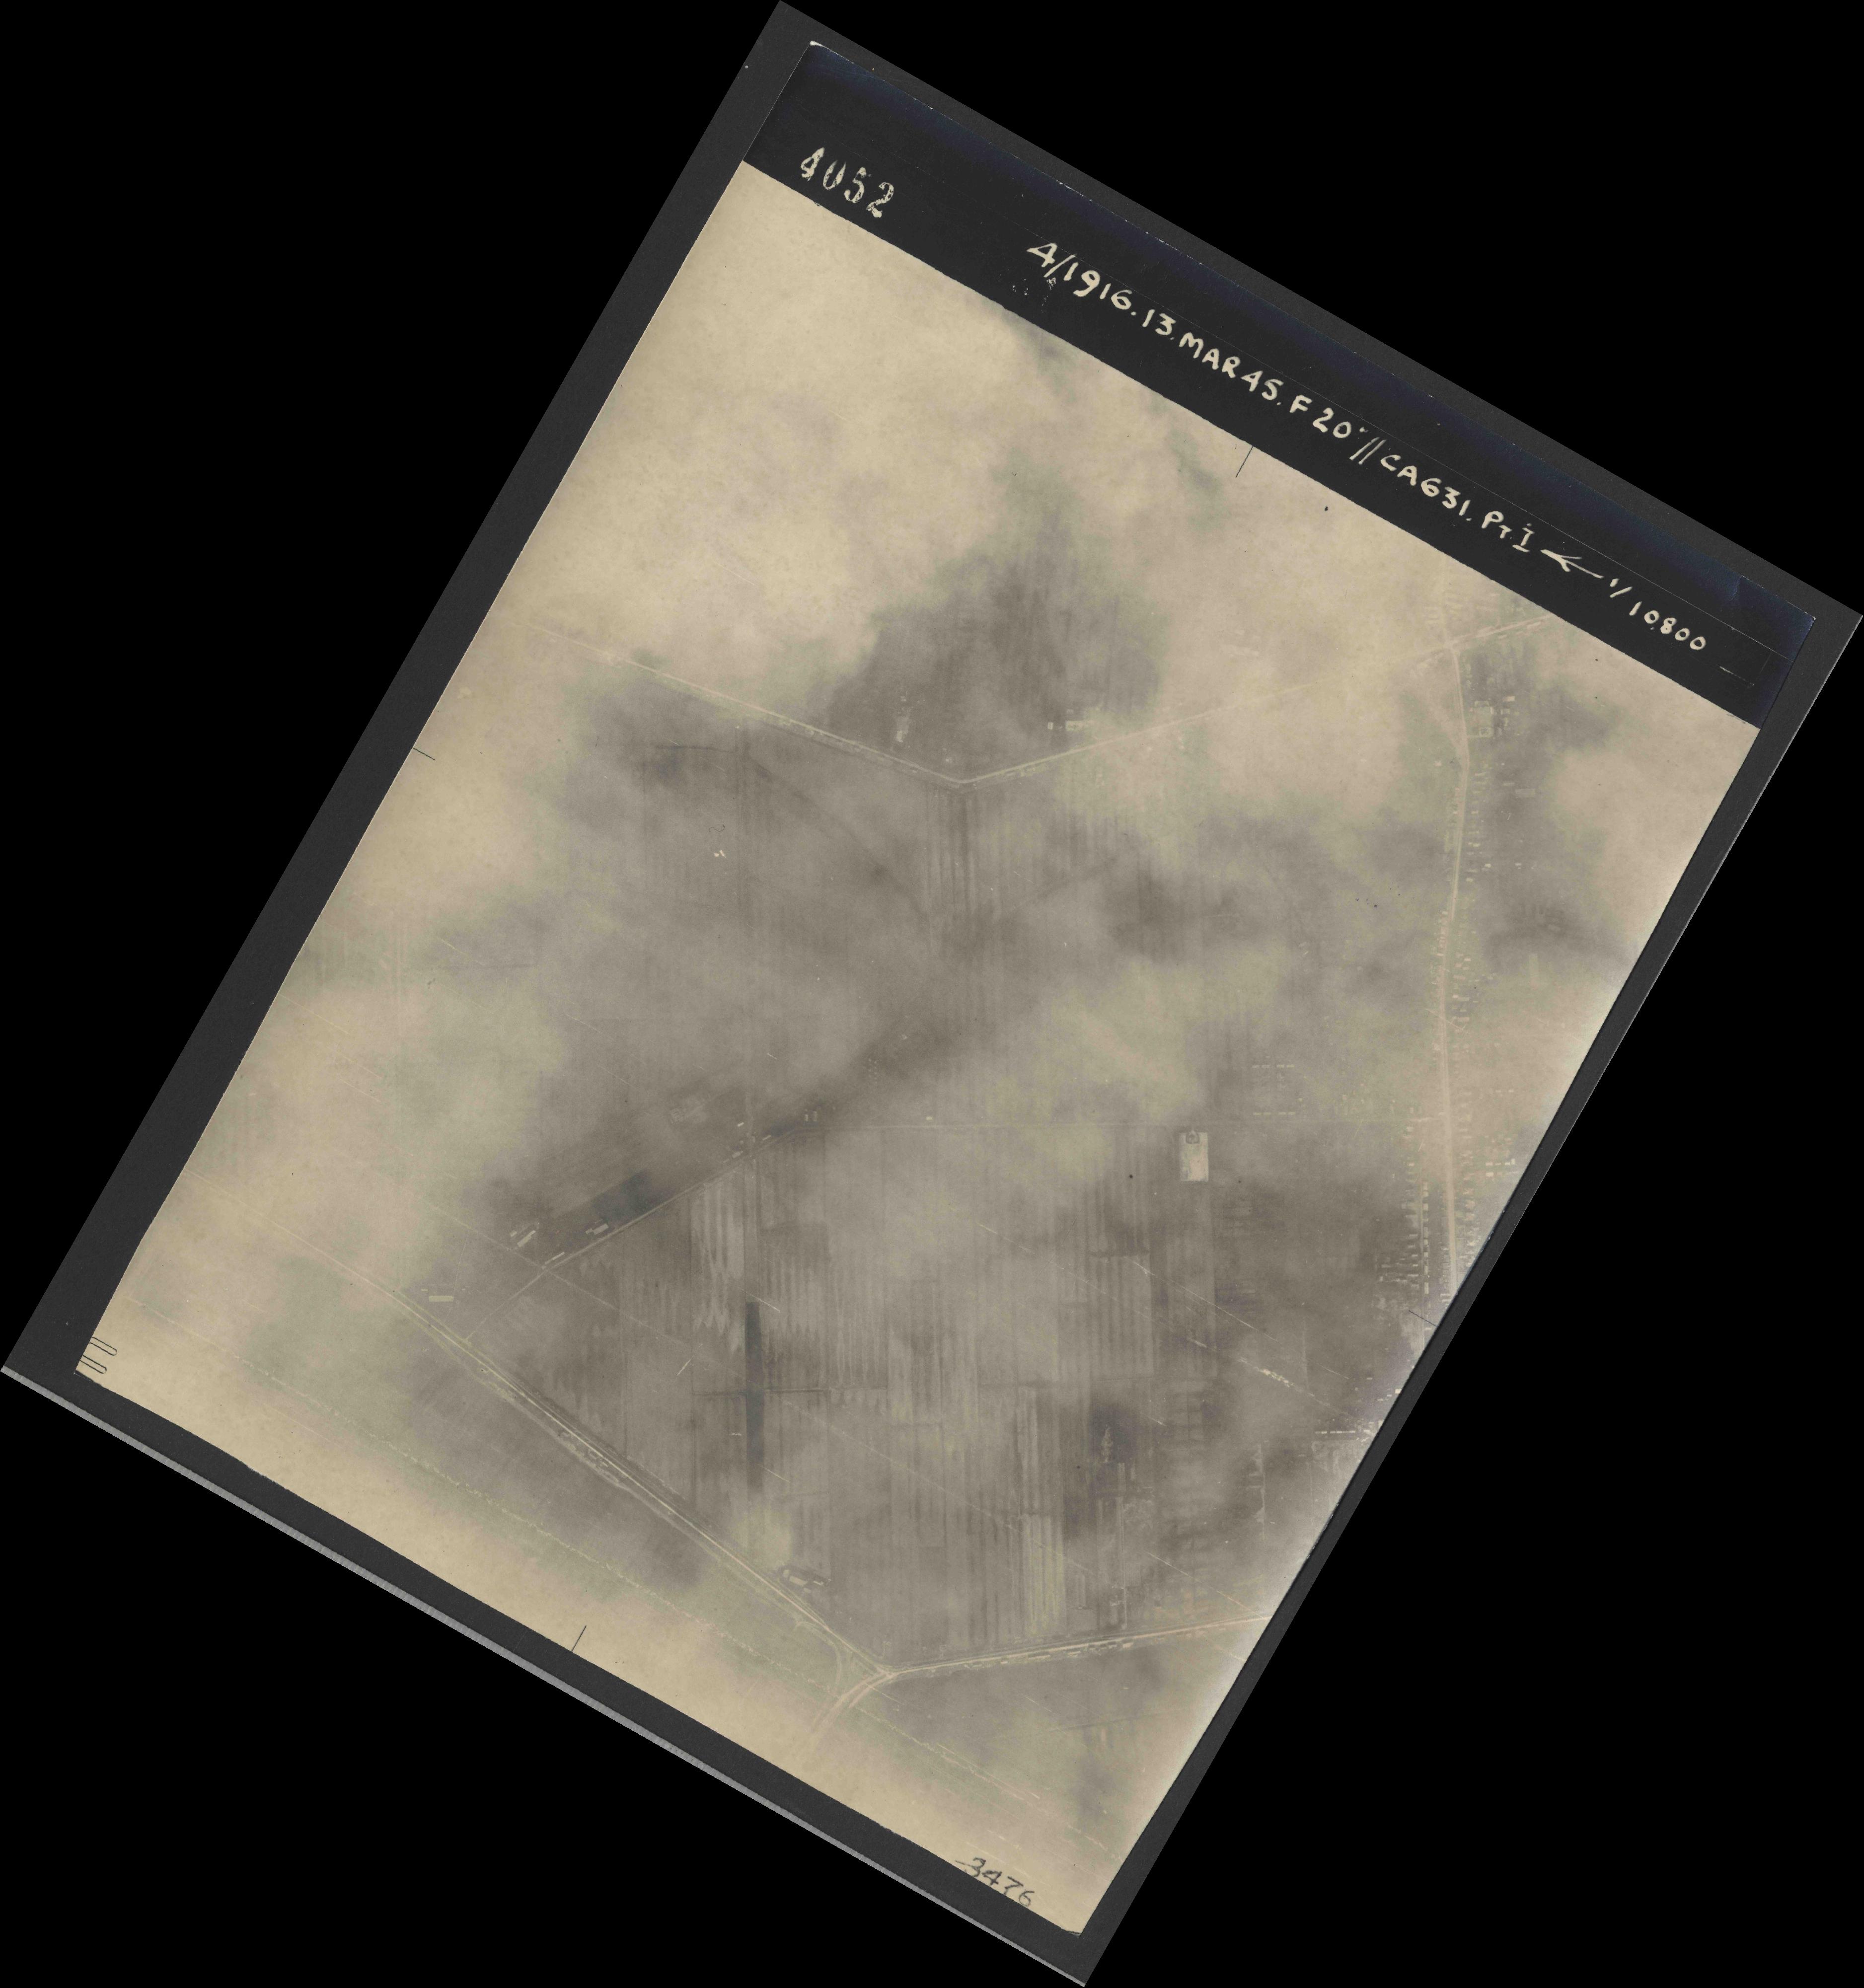 Collection RAF aerial photos 1940-1945 - flight 085, run 02, photo 4052